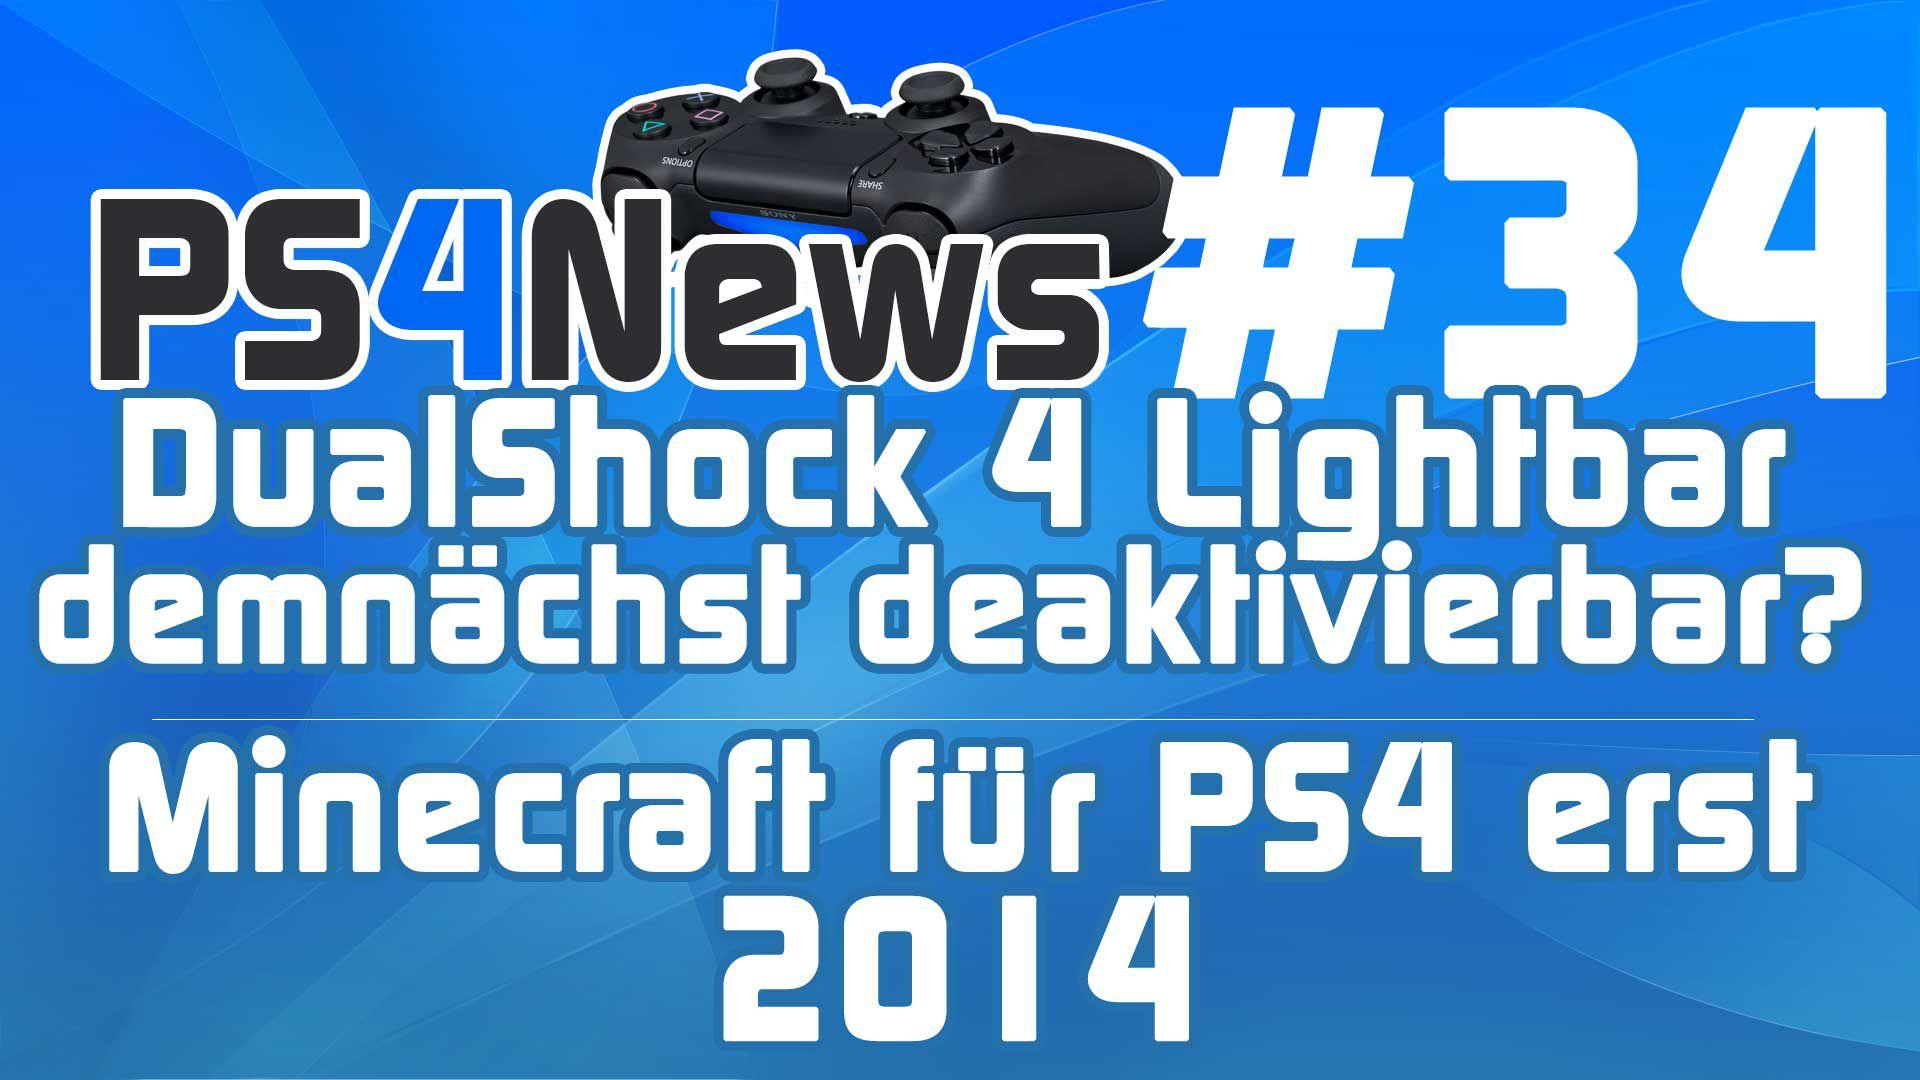 DualShock 4 Lightbar demnächst deaktivierbar? Minecraft für die PS4 erst 2014